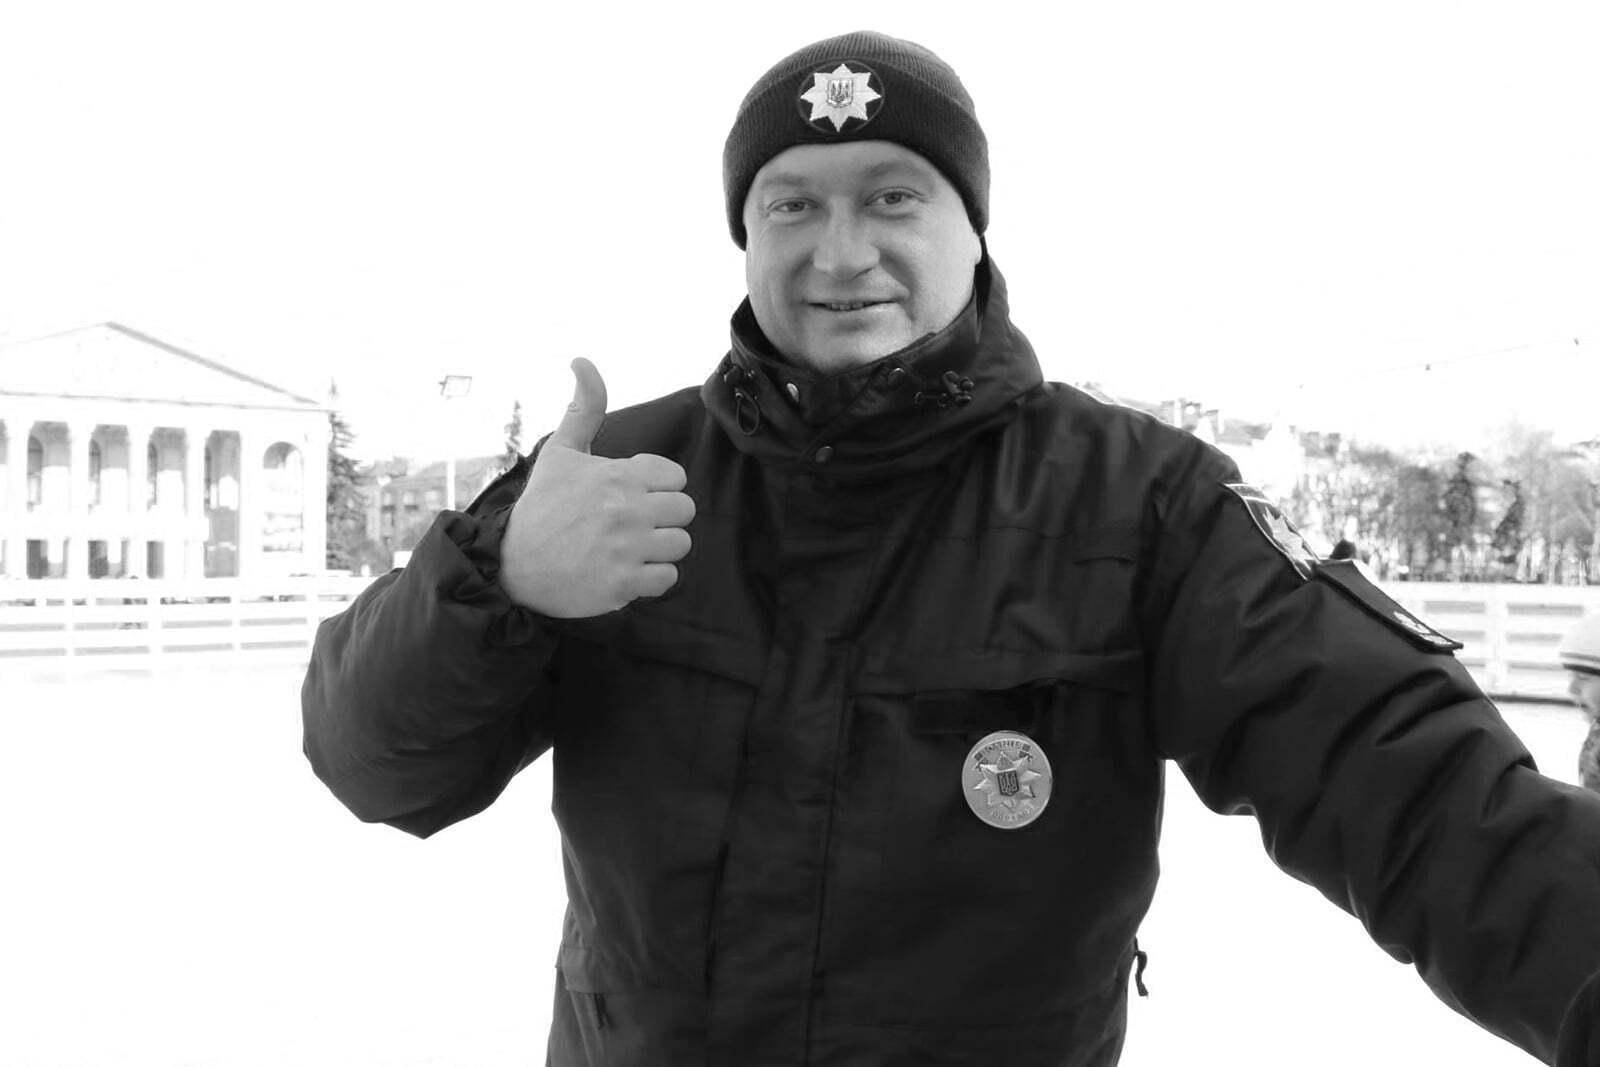 В Чернигове вечером 12 августа произошло ДТП, жертвой которого стал сотрудник полиции.